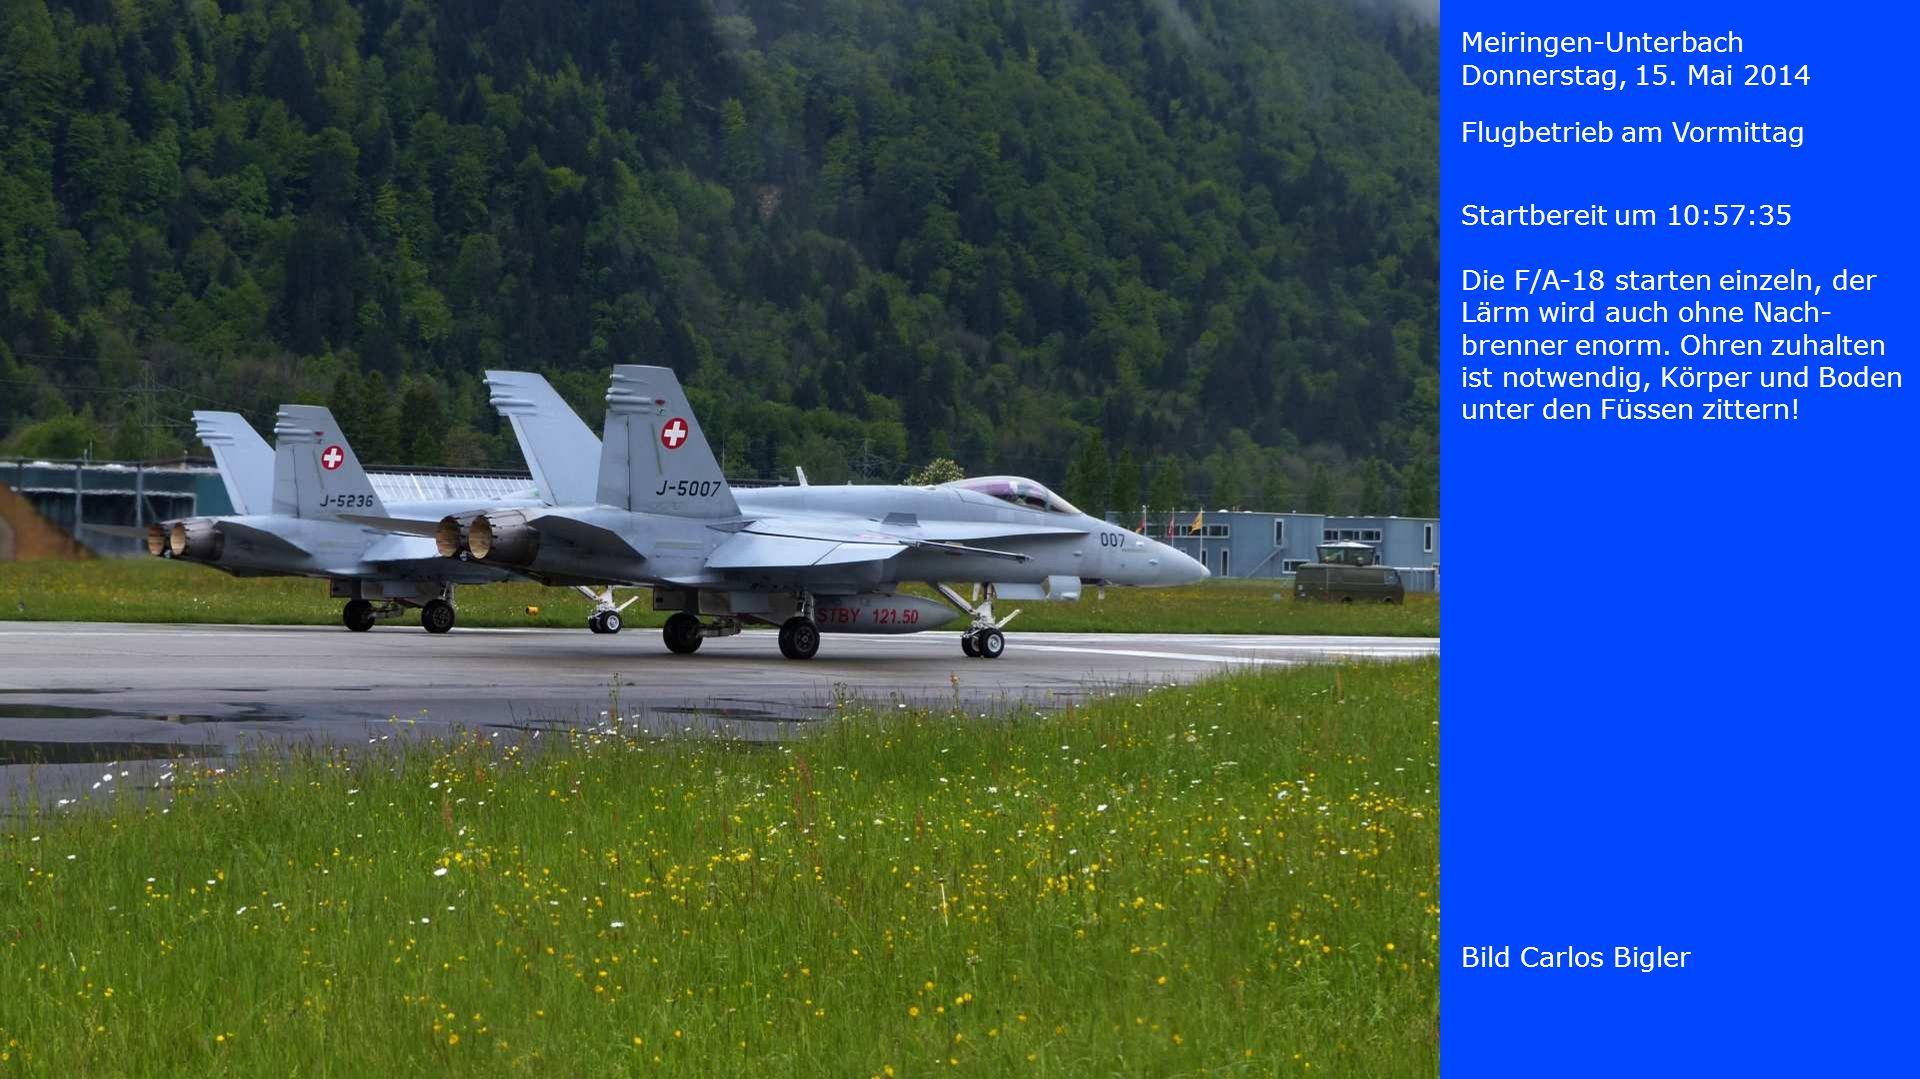 Meiringen-Unterbach Donnerstag, 15. Mai 2014. Flugbetrieb am Vormittag. Startbereit um 10:57:35.